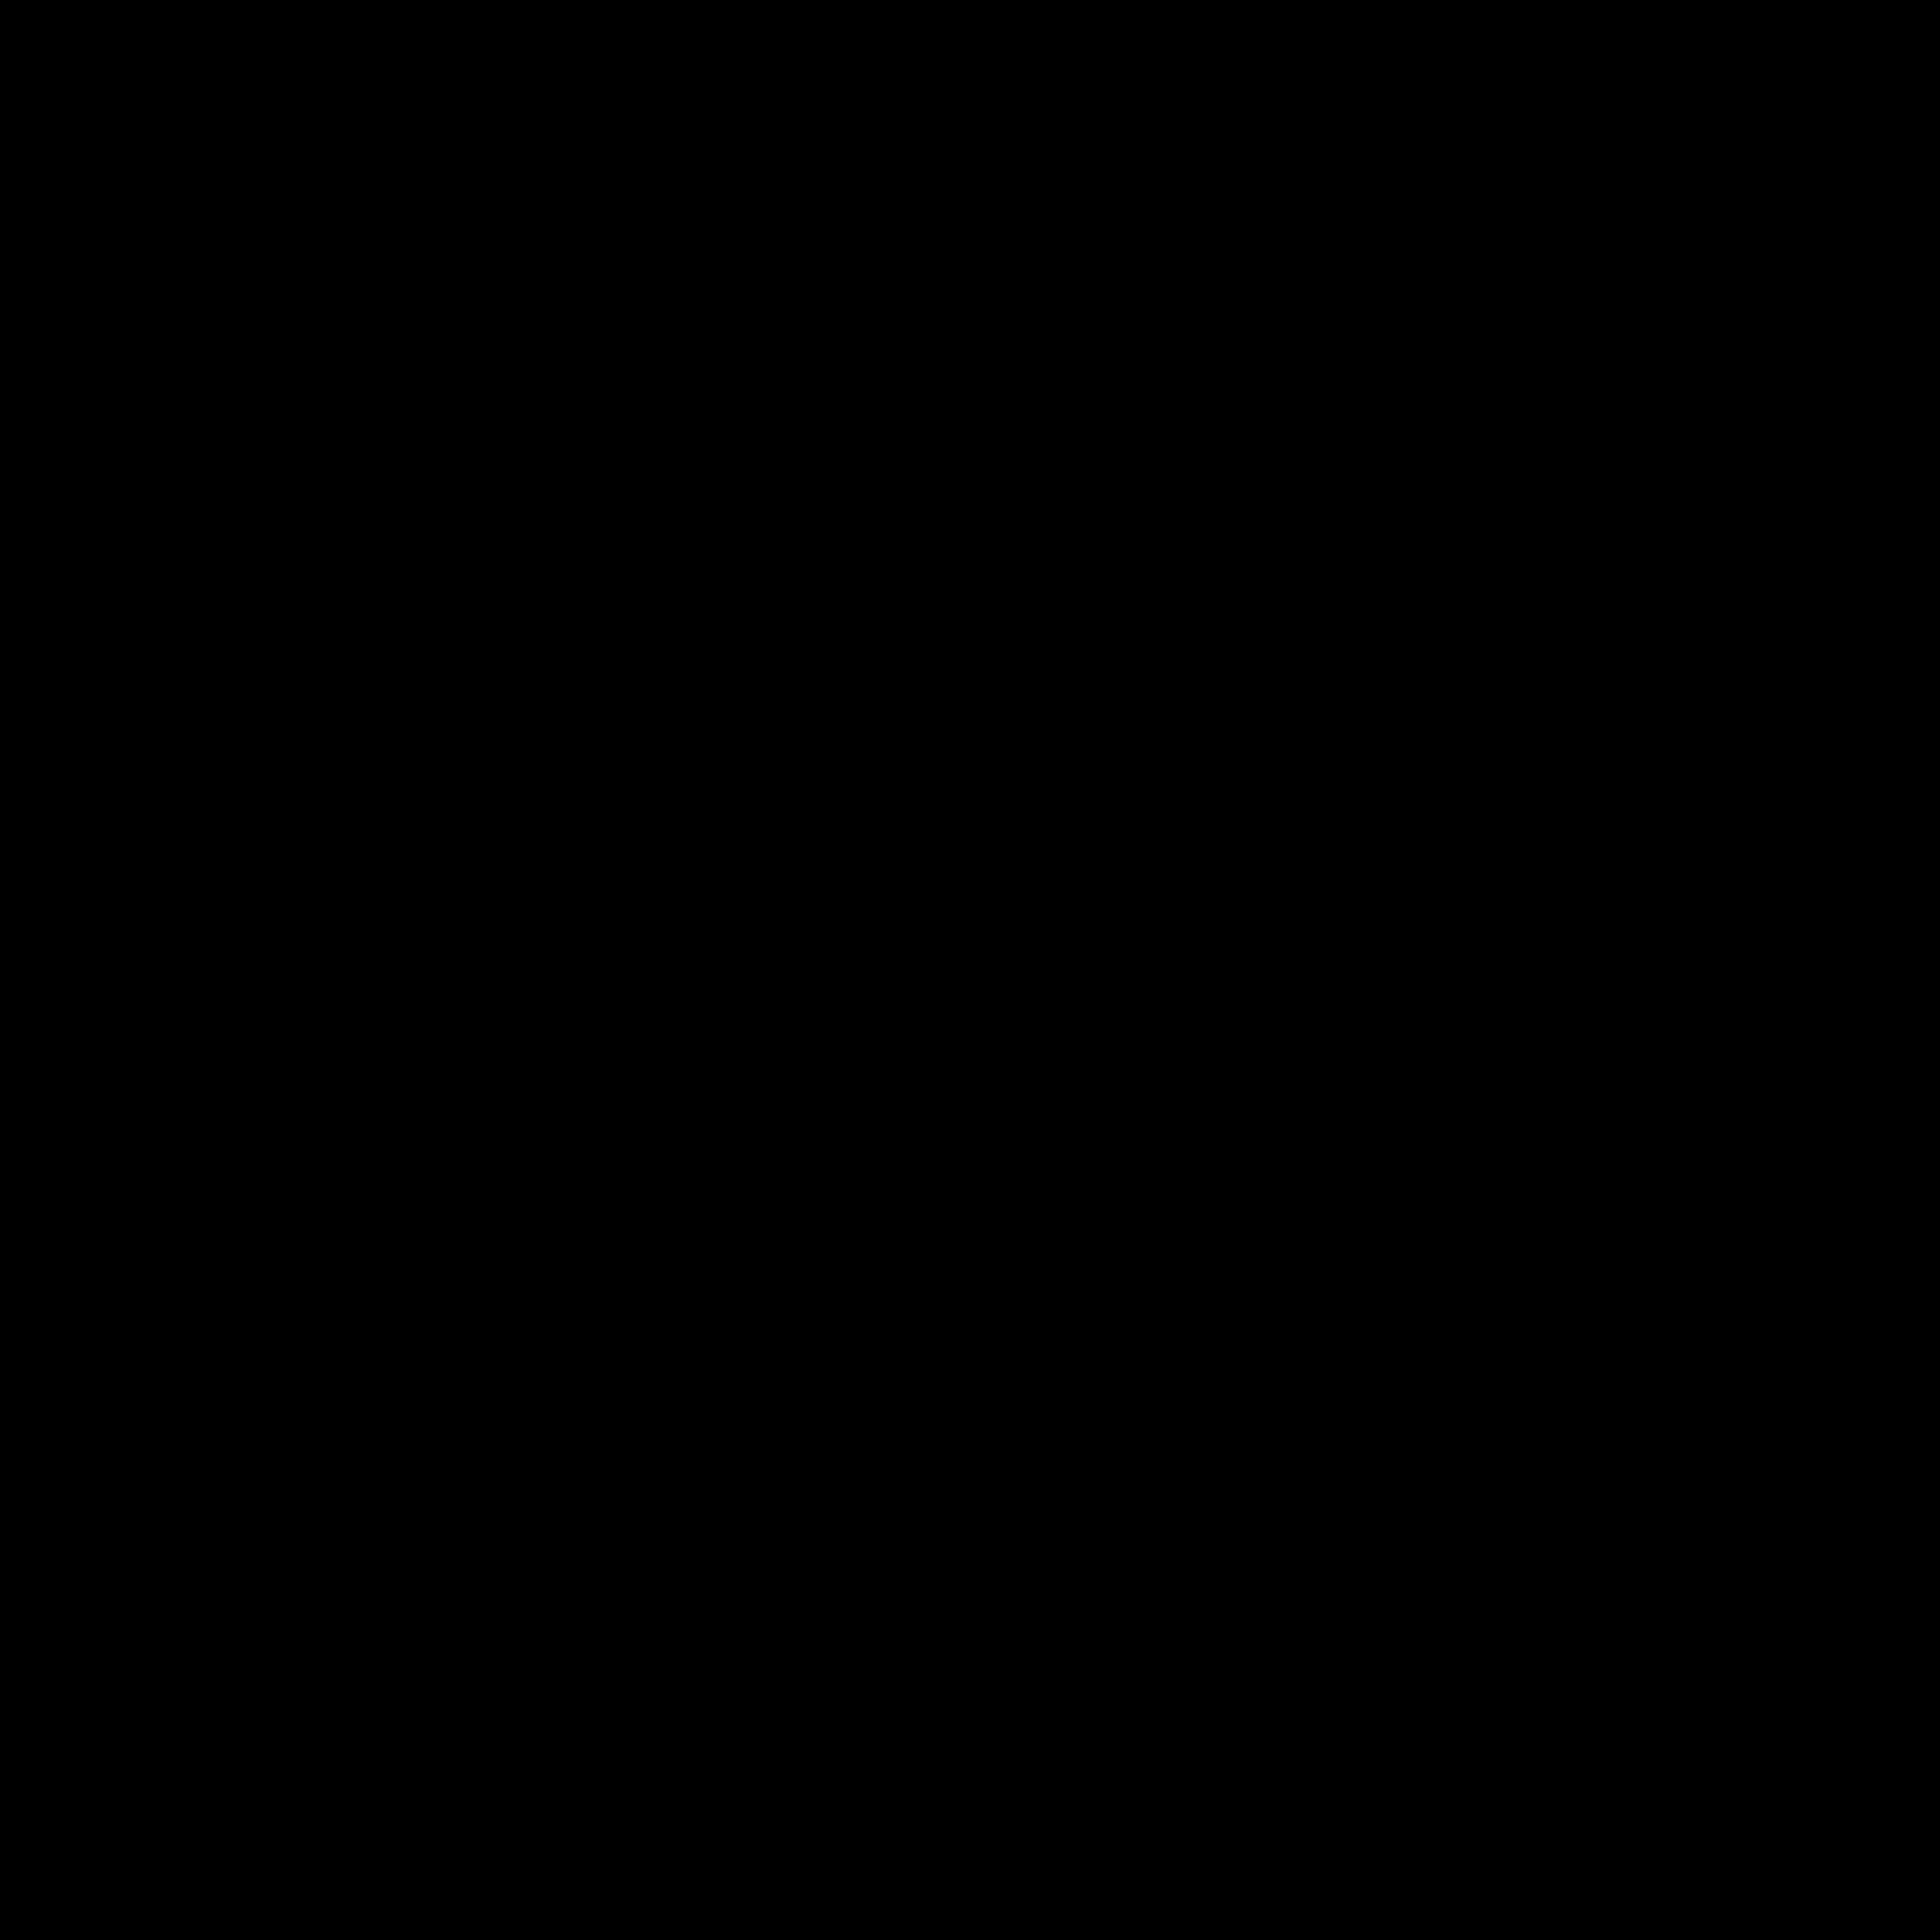 FX Network Logo PNG Transparent & SVG Vector.